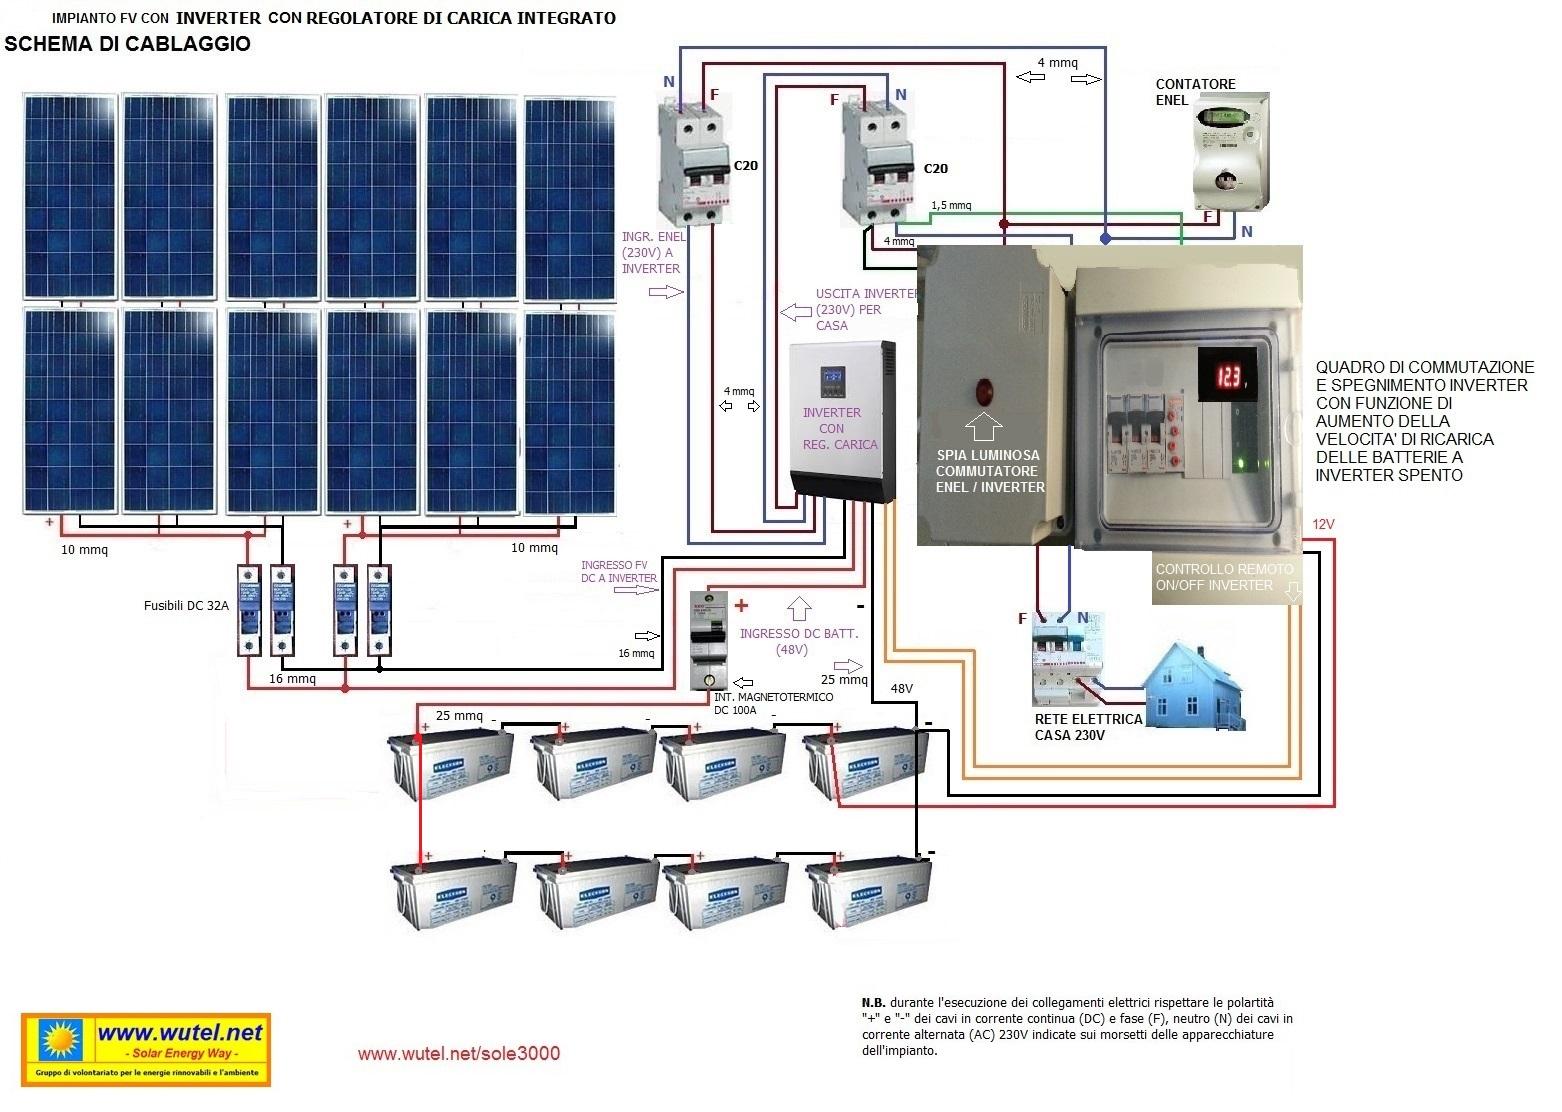 Impianto elettrico casa schema interesting schema for Schema impianto elettrico casa